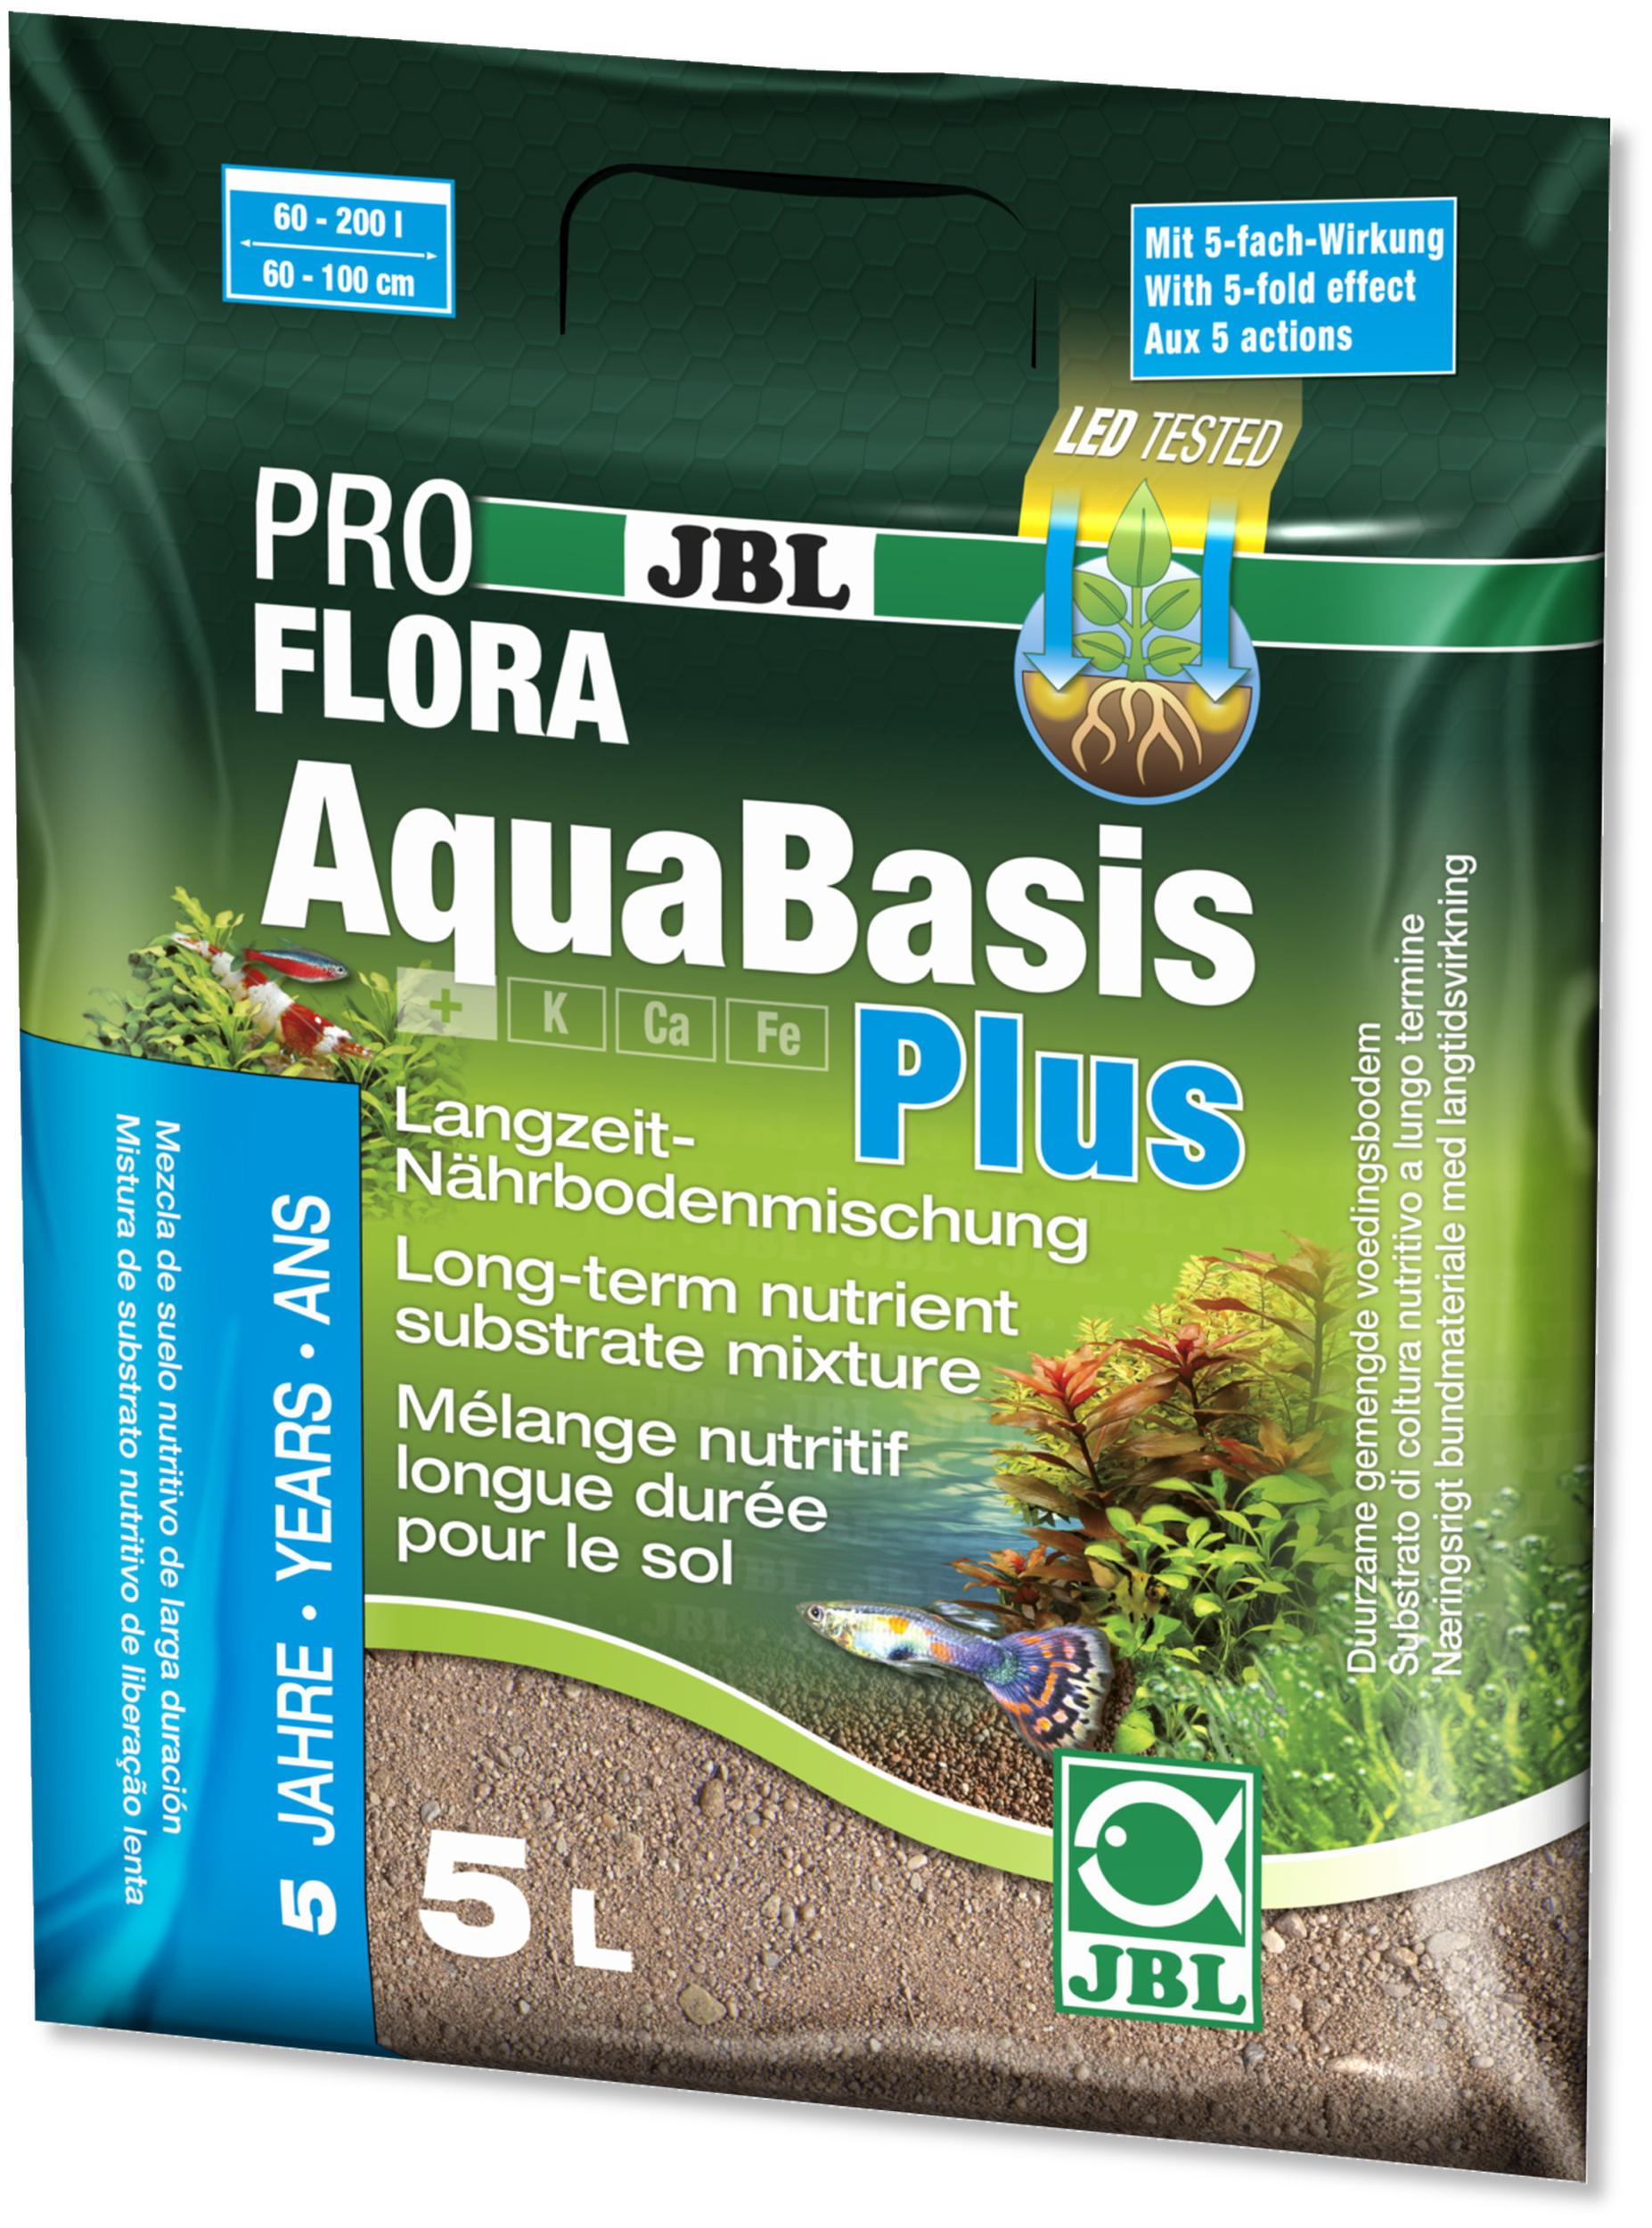 JBL ProFlora AquaBasis Plus 5 L substrat nutritif pour aquarium de 60 à 200 L ou 60 à 100 cm